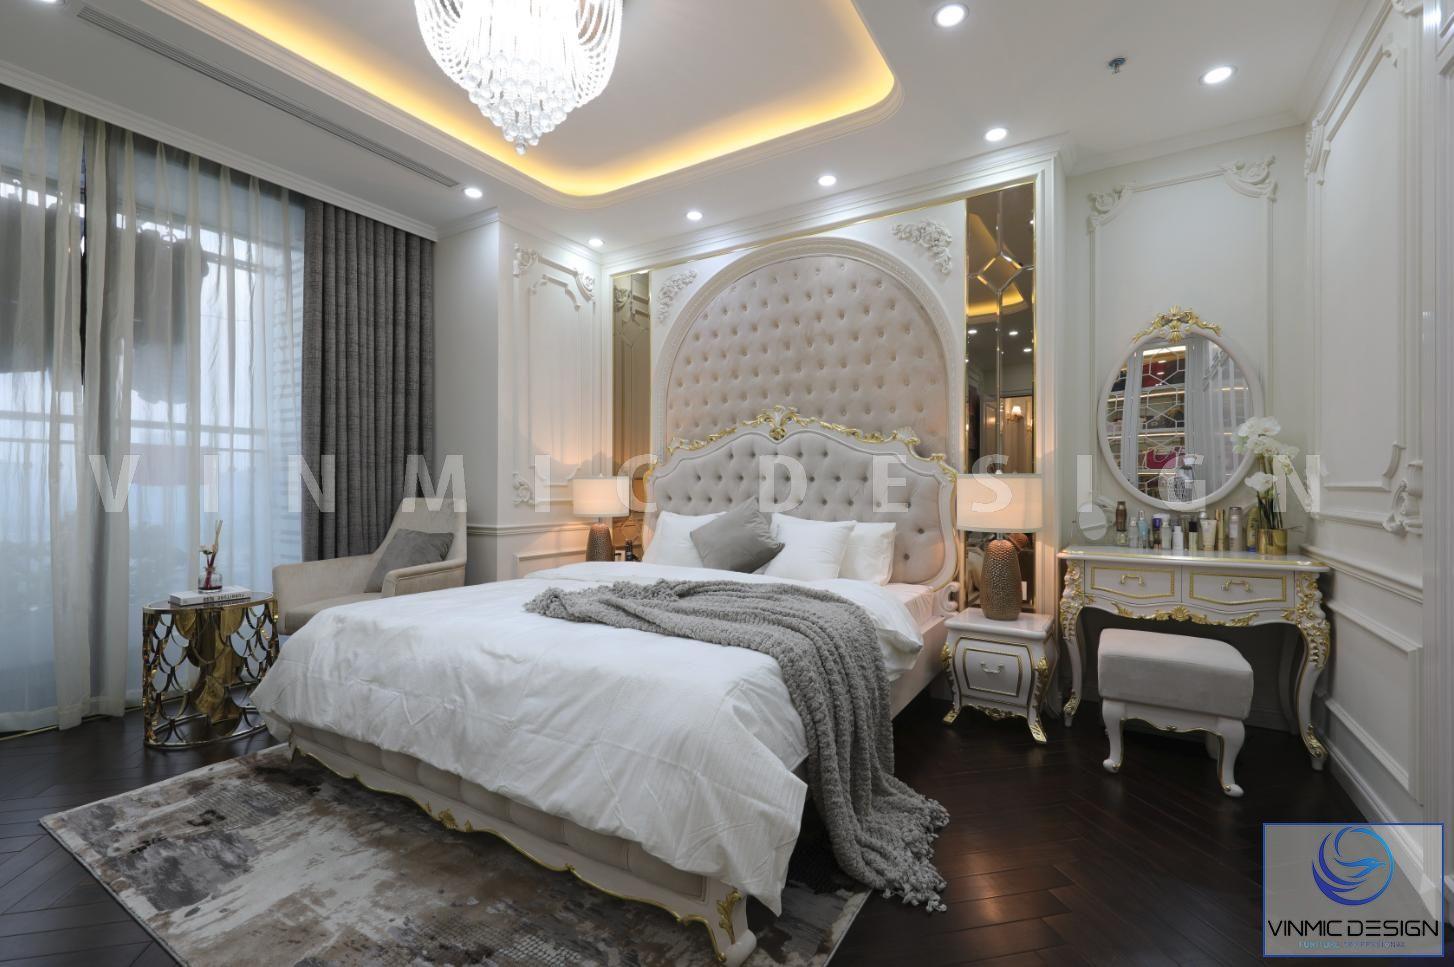 Phòng ngủ phong cách tân cổ điển đẹp tại biệt thự Vinhomes Green Bay - Mộc Lan